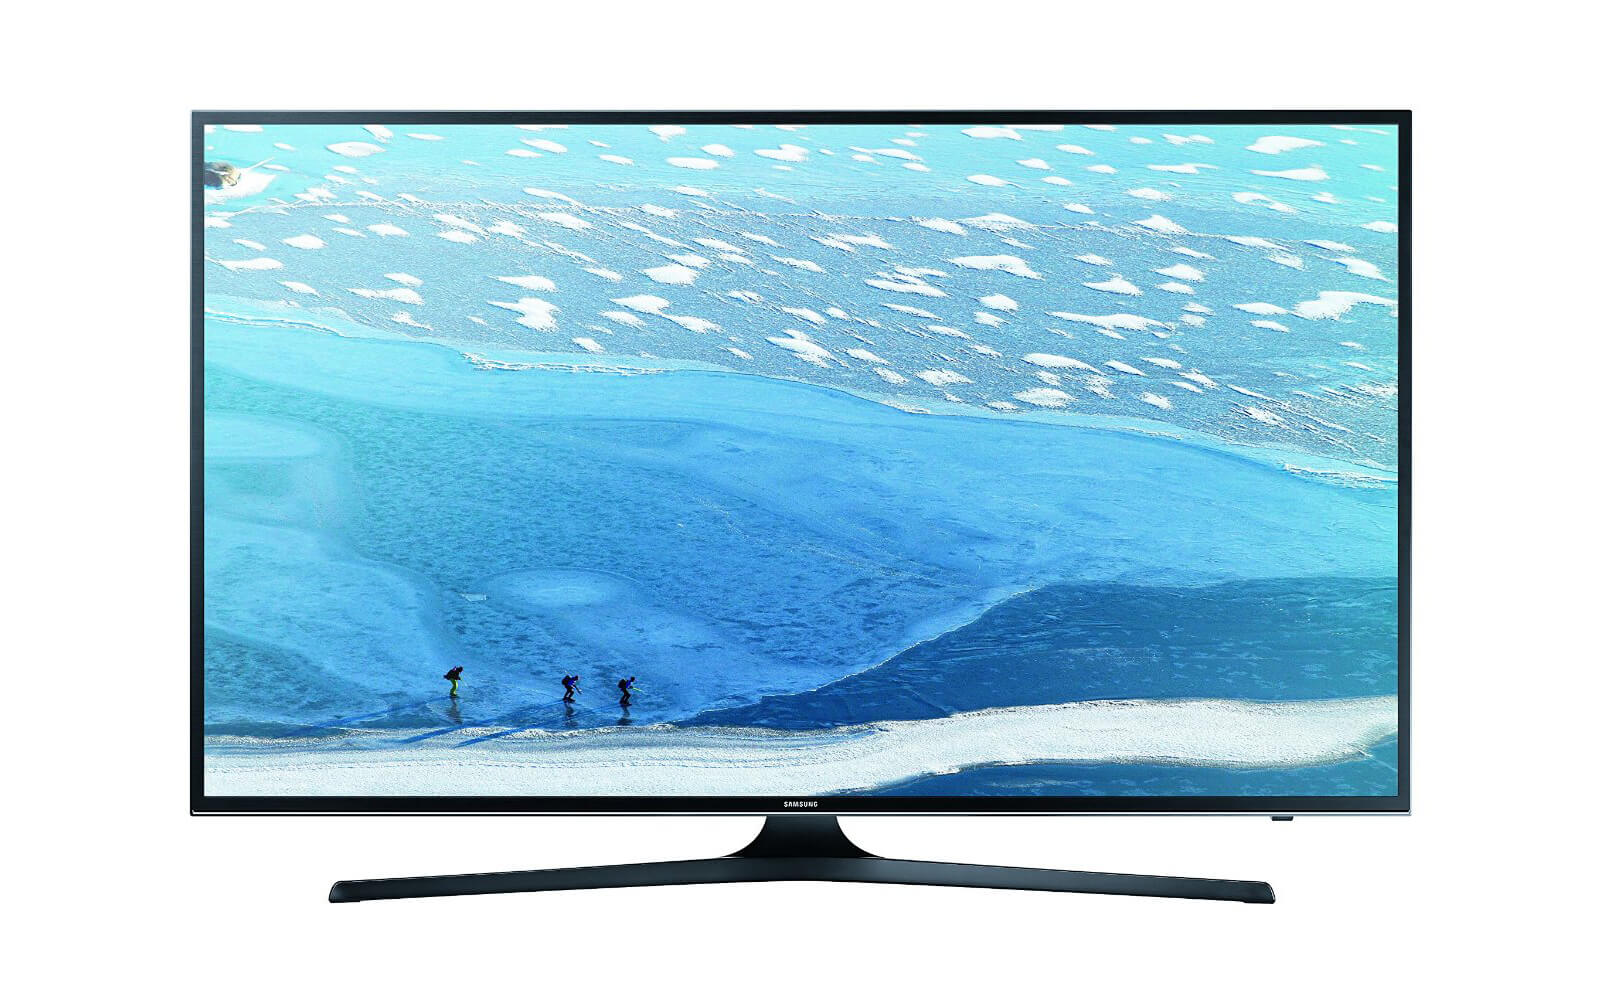 Samsung UE55KU6079 - Produktbesprechungen